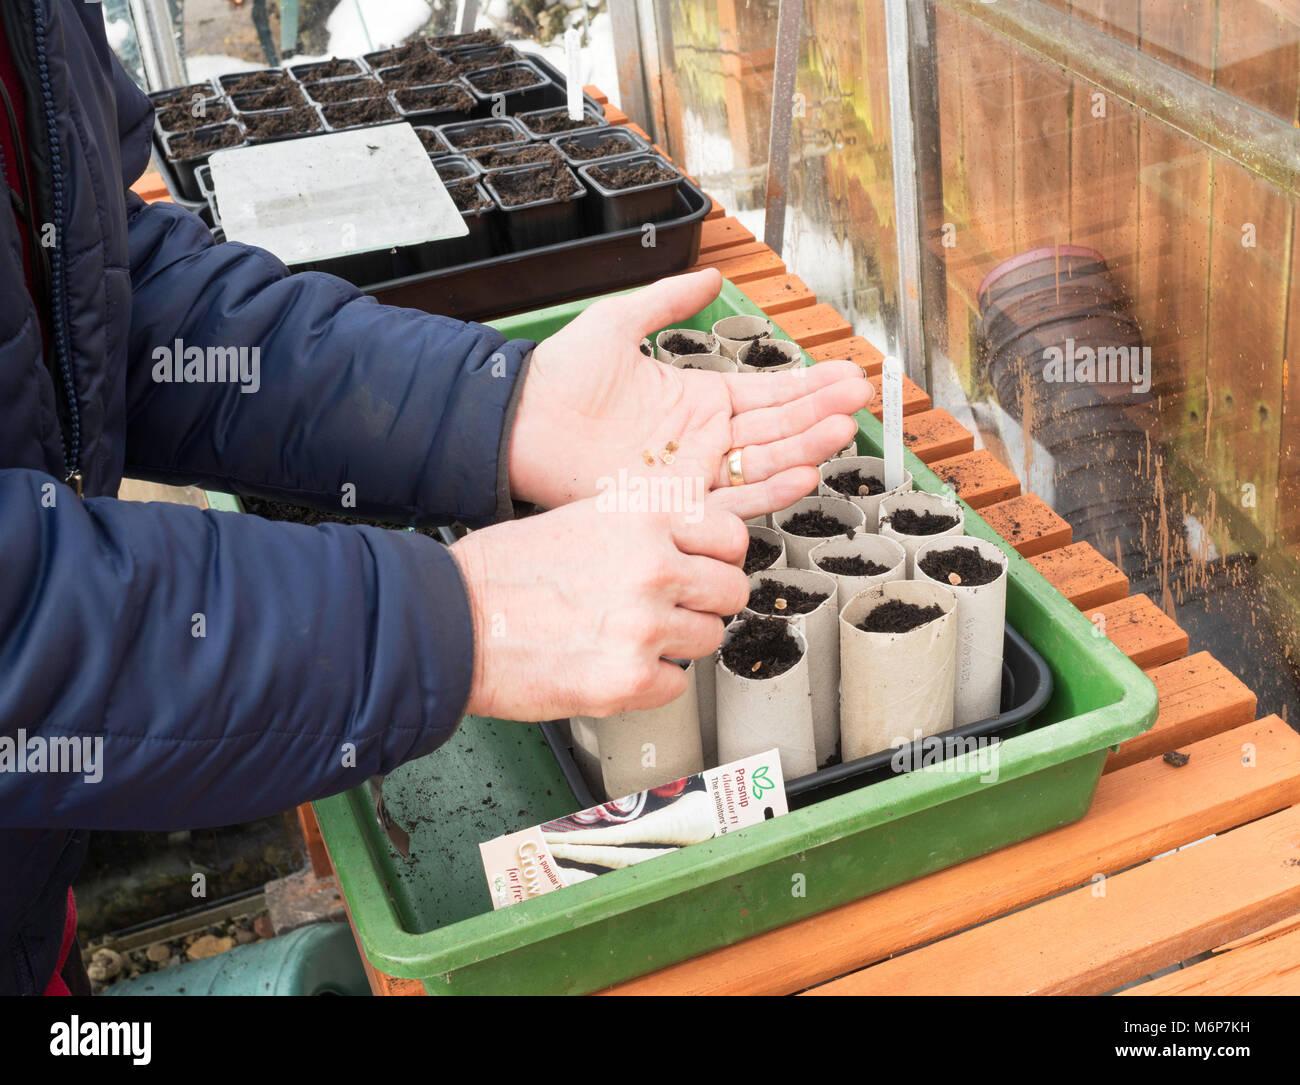 El hombre siembra las semillas de la alcachofa en rollos de papel higiénico dentro del invernadero, Inglaterra, Imagen De Stock